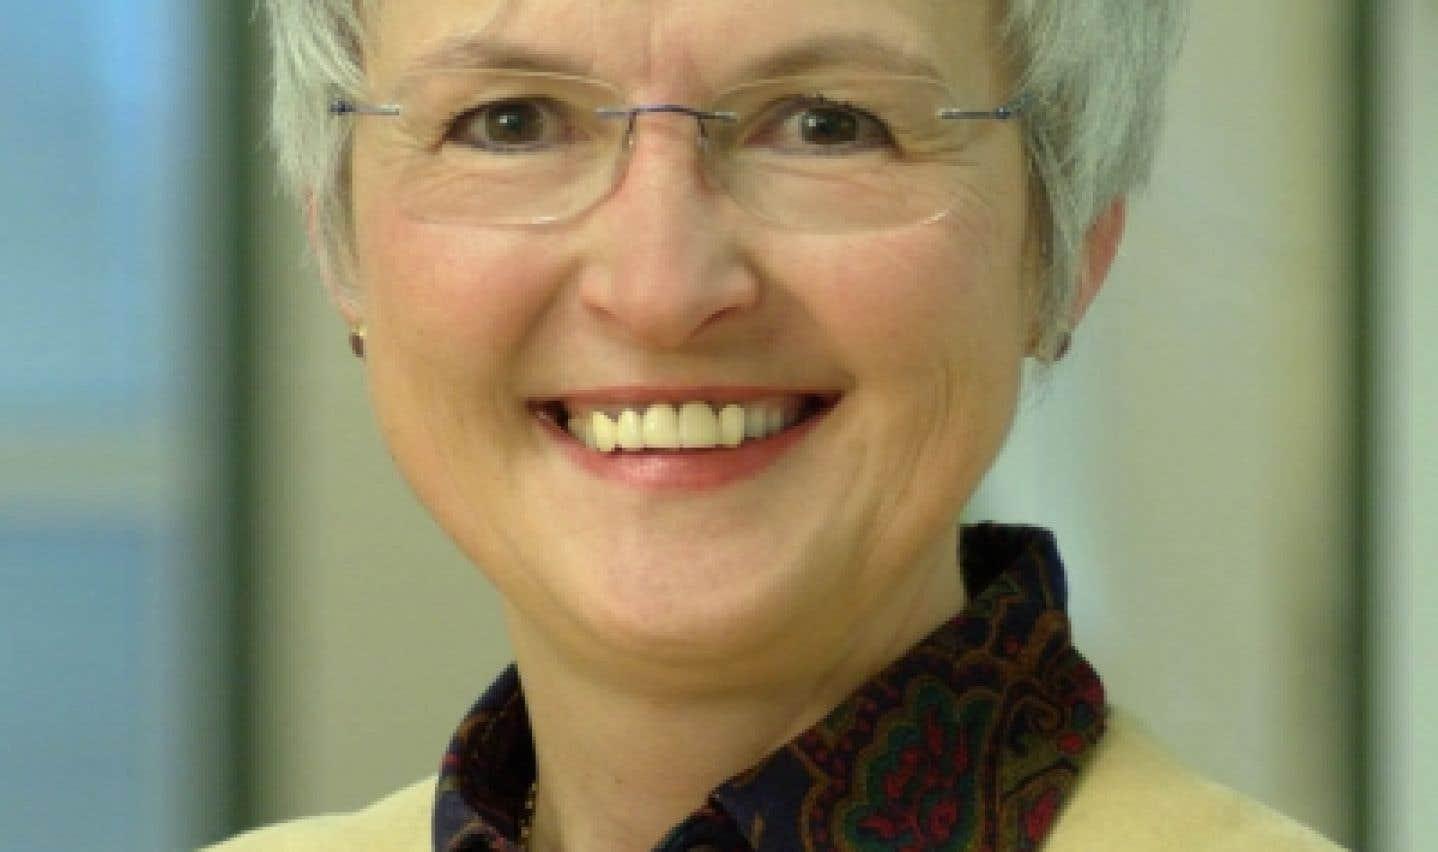 Chaire d'études Claire-Bonenfant - Les stéréotypes s'enracinent, les discriminations subsistent